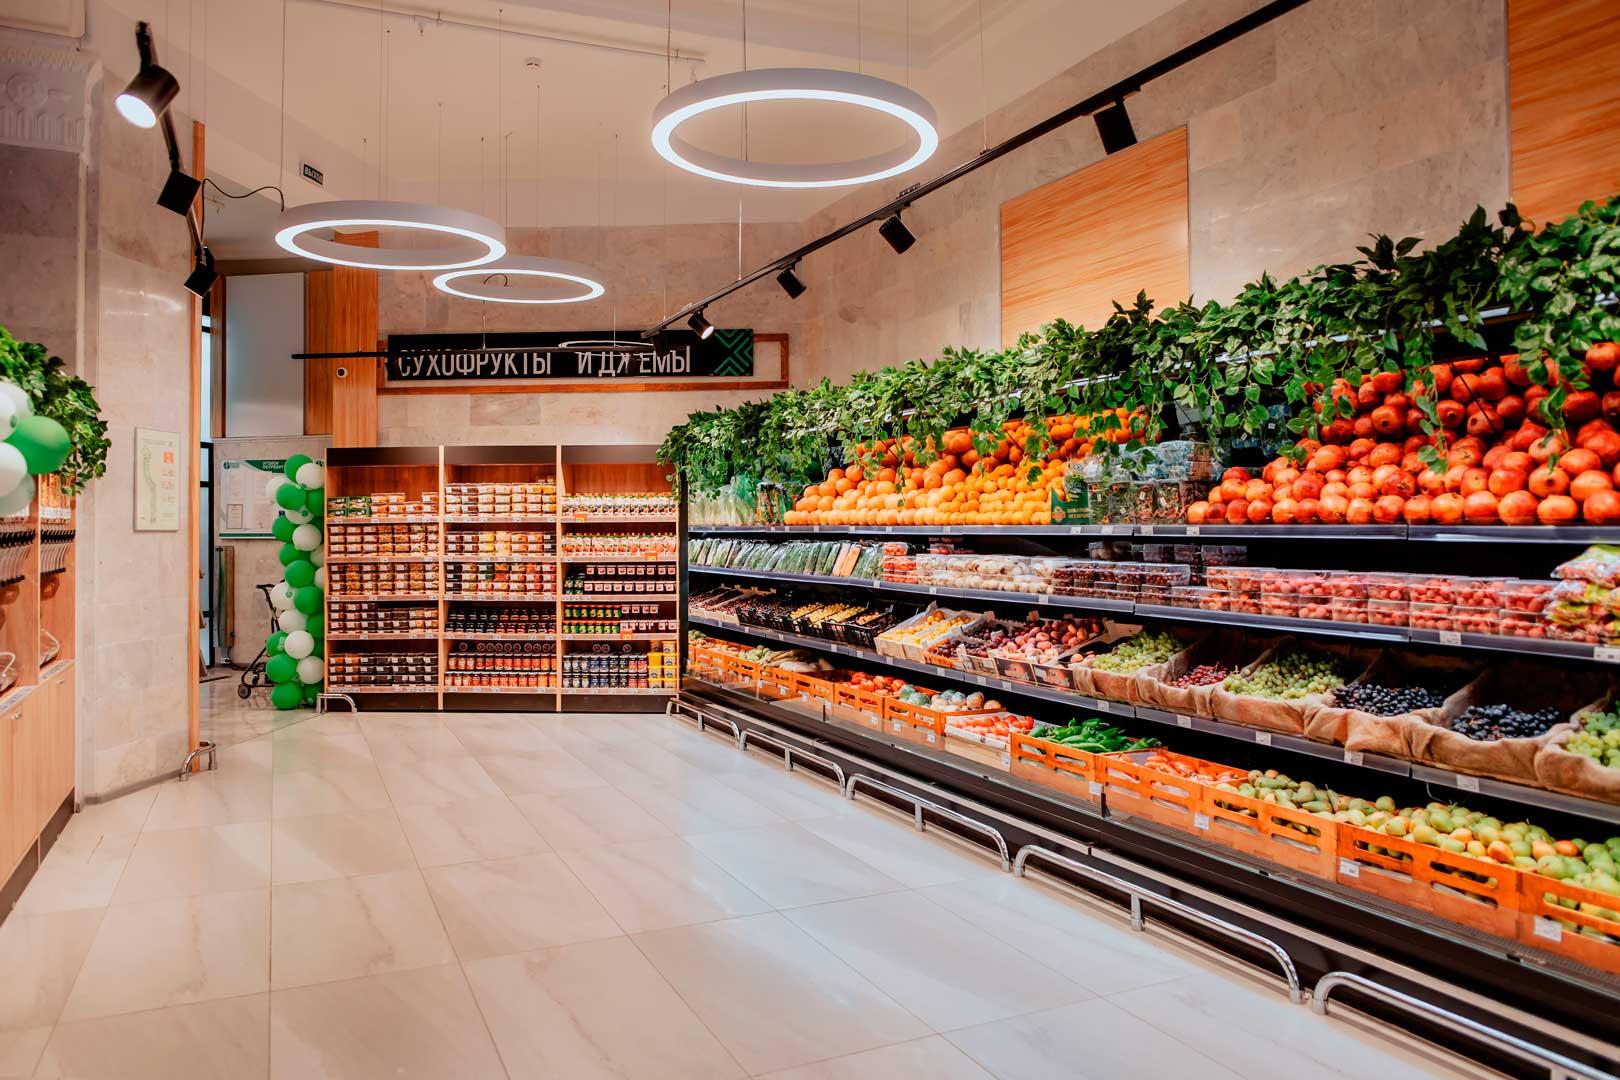 Специализированные витрины для продажи овощей и фруктов Louisiana FV MV 095/105/115 MT VF M